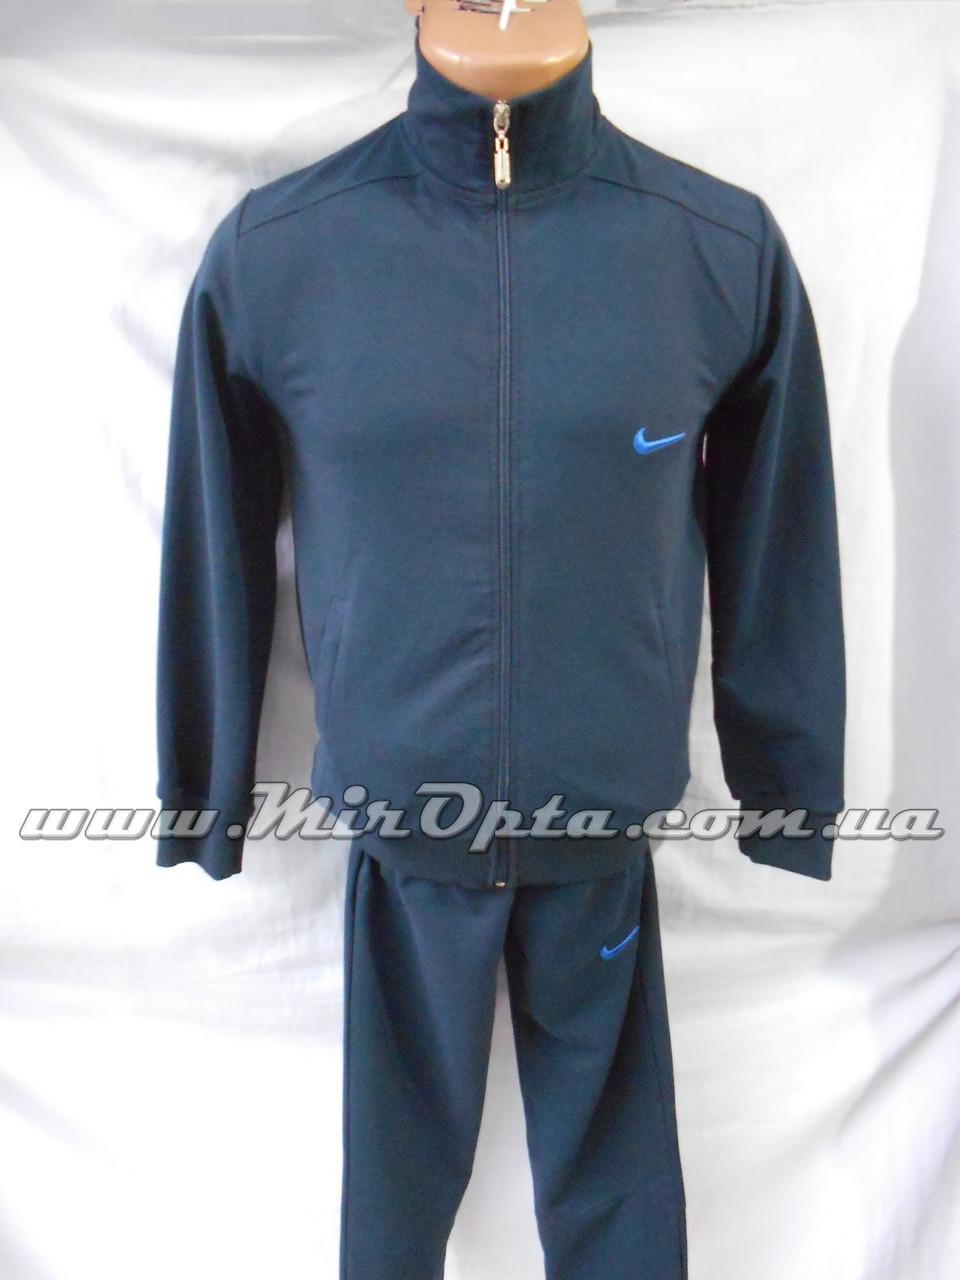 Спортивный костюм для мальчика Подросток Nike (р-ры  38 - 44) купить оптом  в Украине 956faaf9d911a